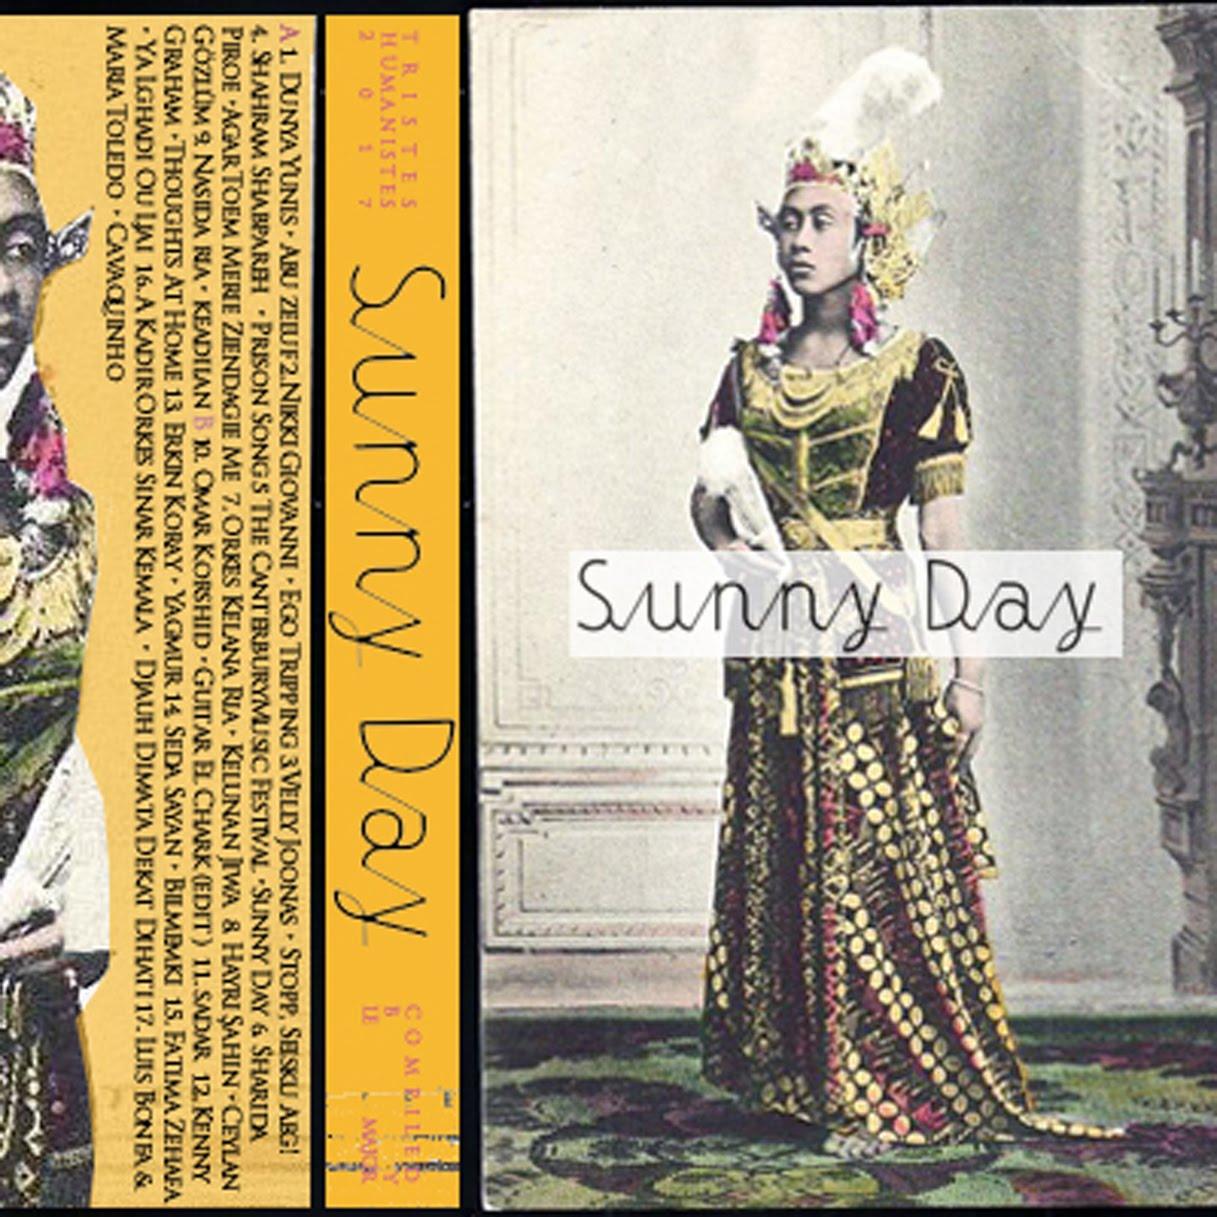 MJR#4 - SUNNY DAY